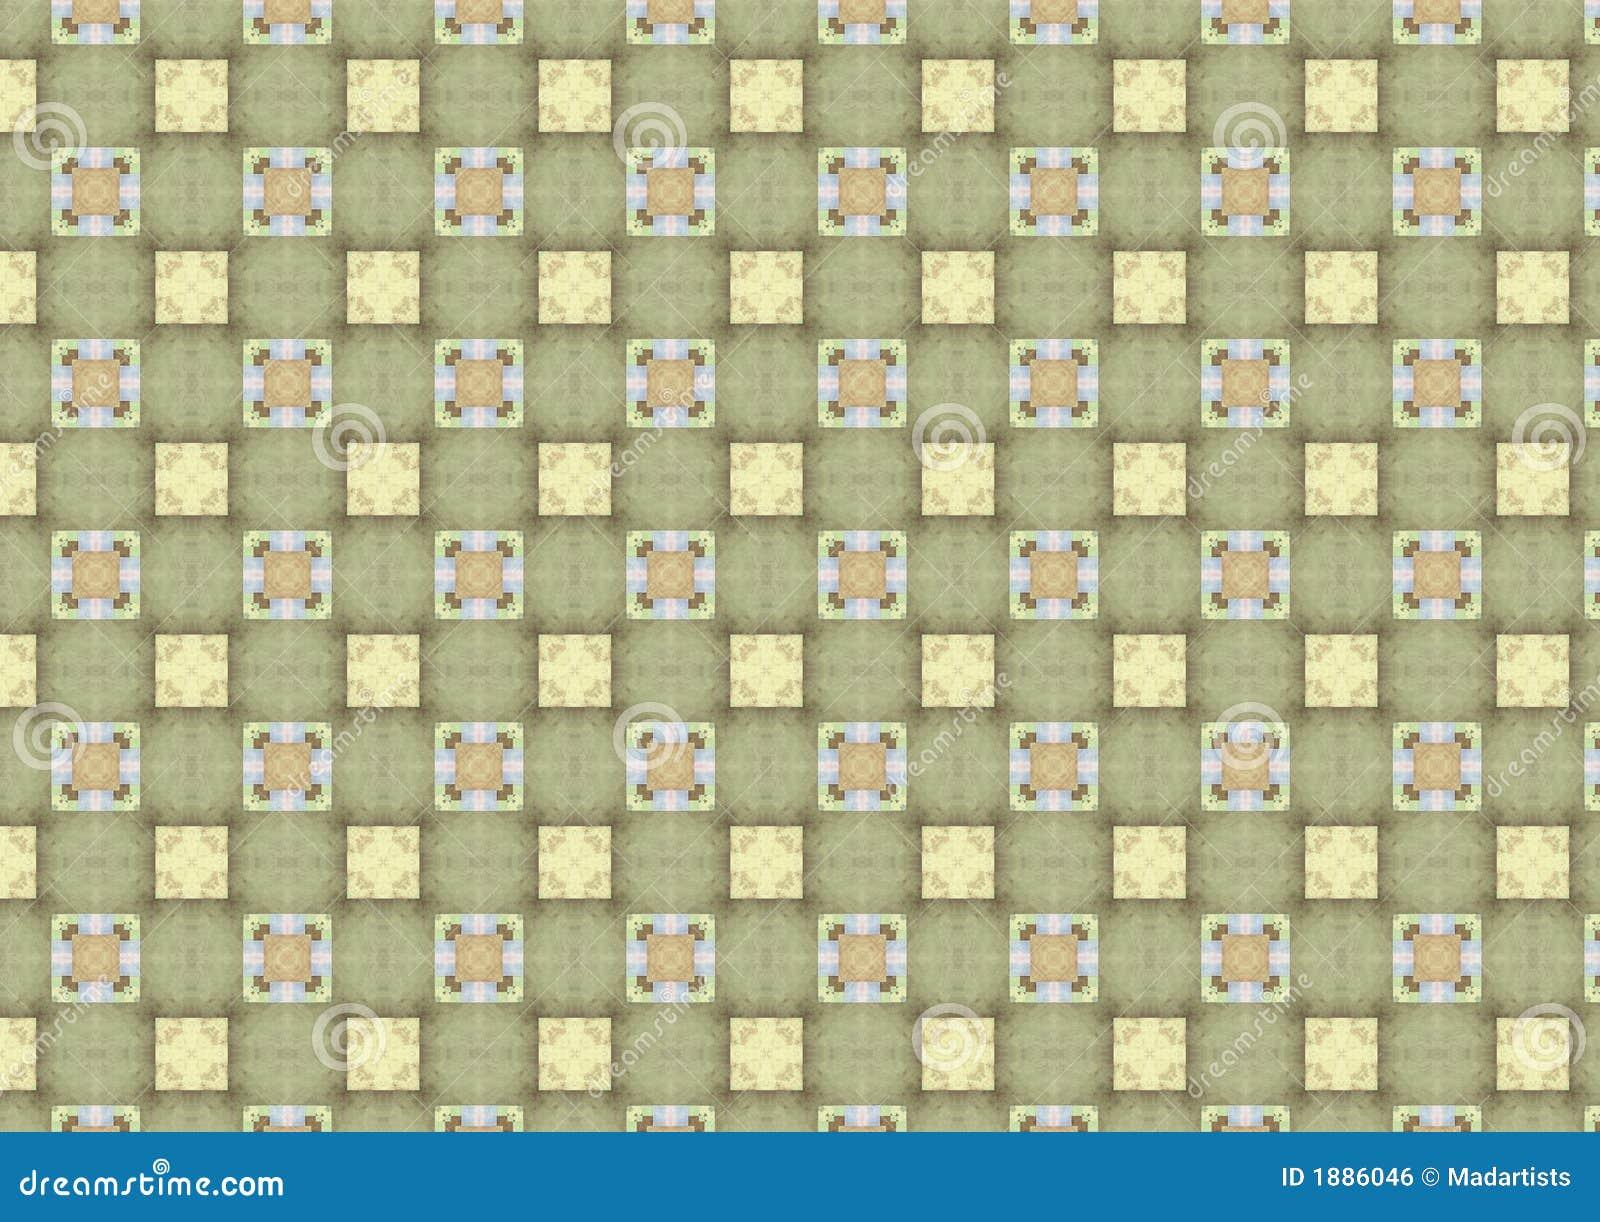 Green tiles kitchen texture - Royalty Free Stock Photo